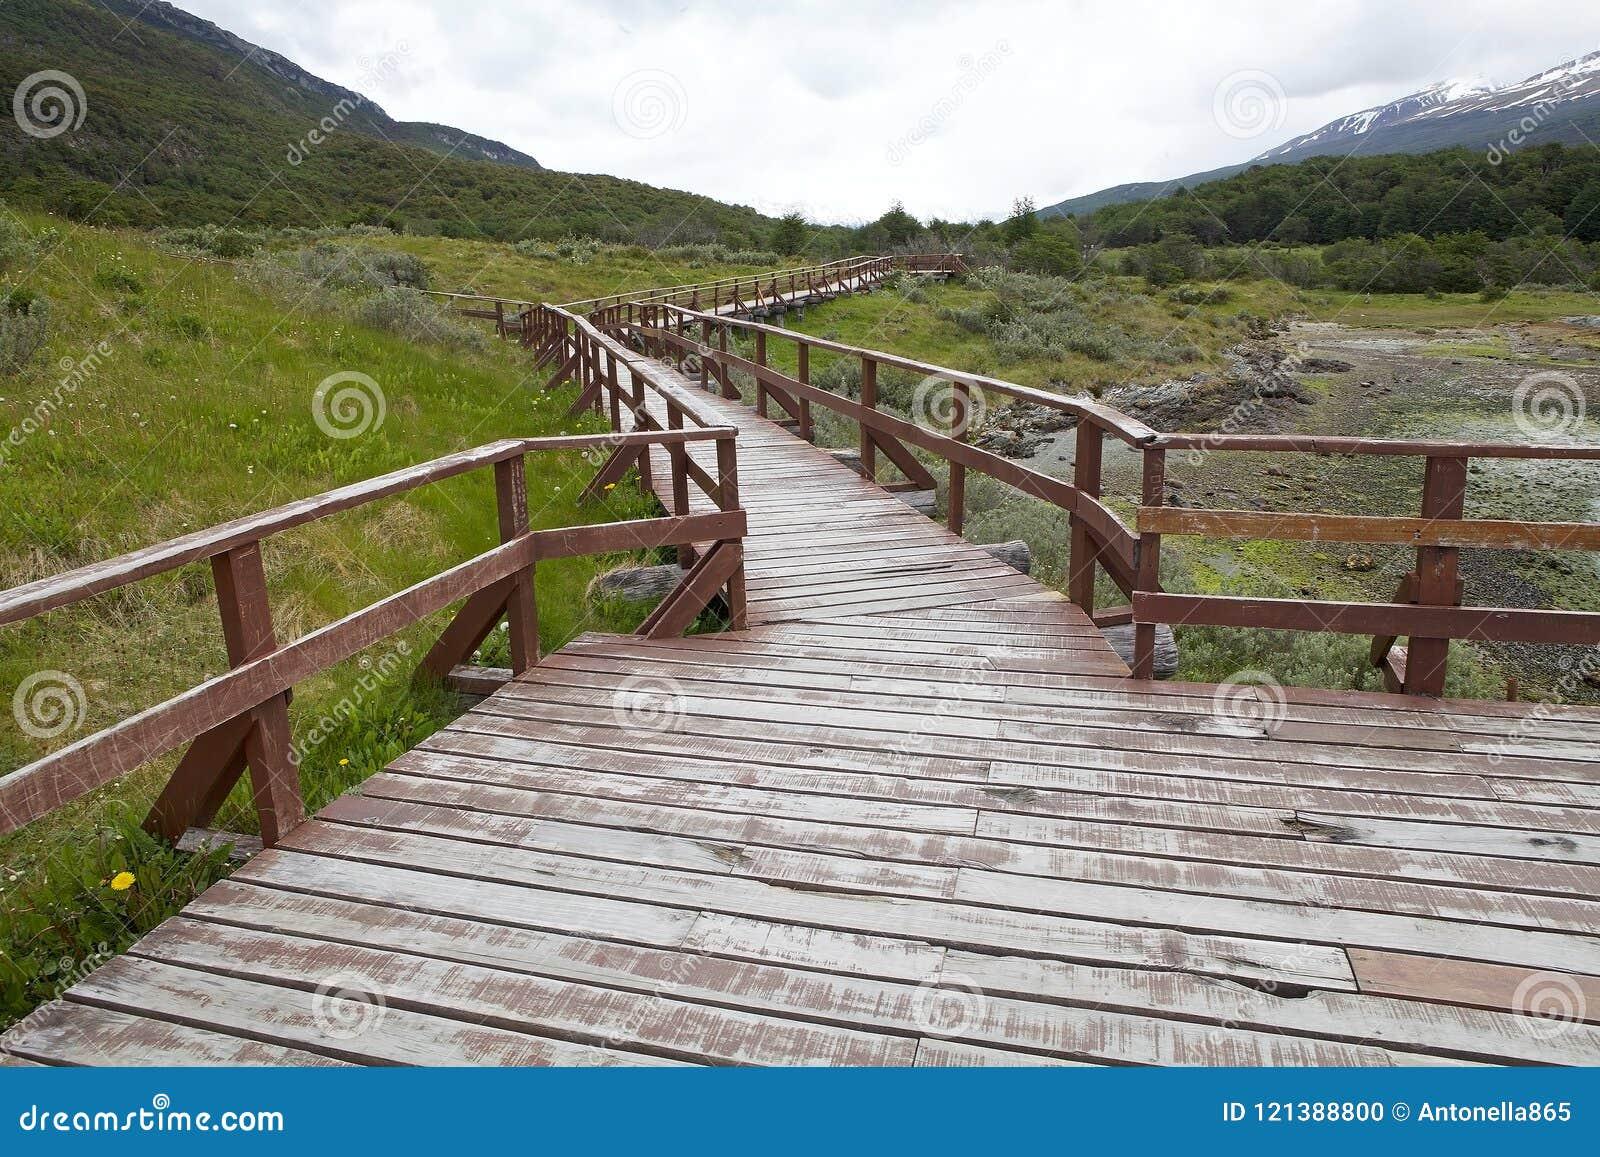 Baía de Lapataia ao longo da fuga litoral em Tierra del Fuego National Park, Argentina